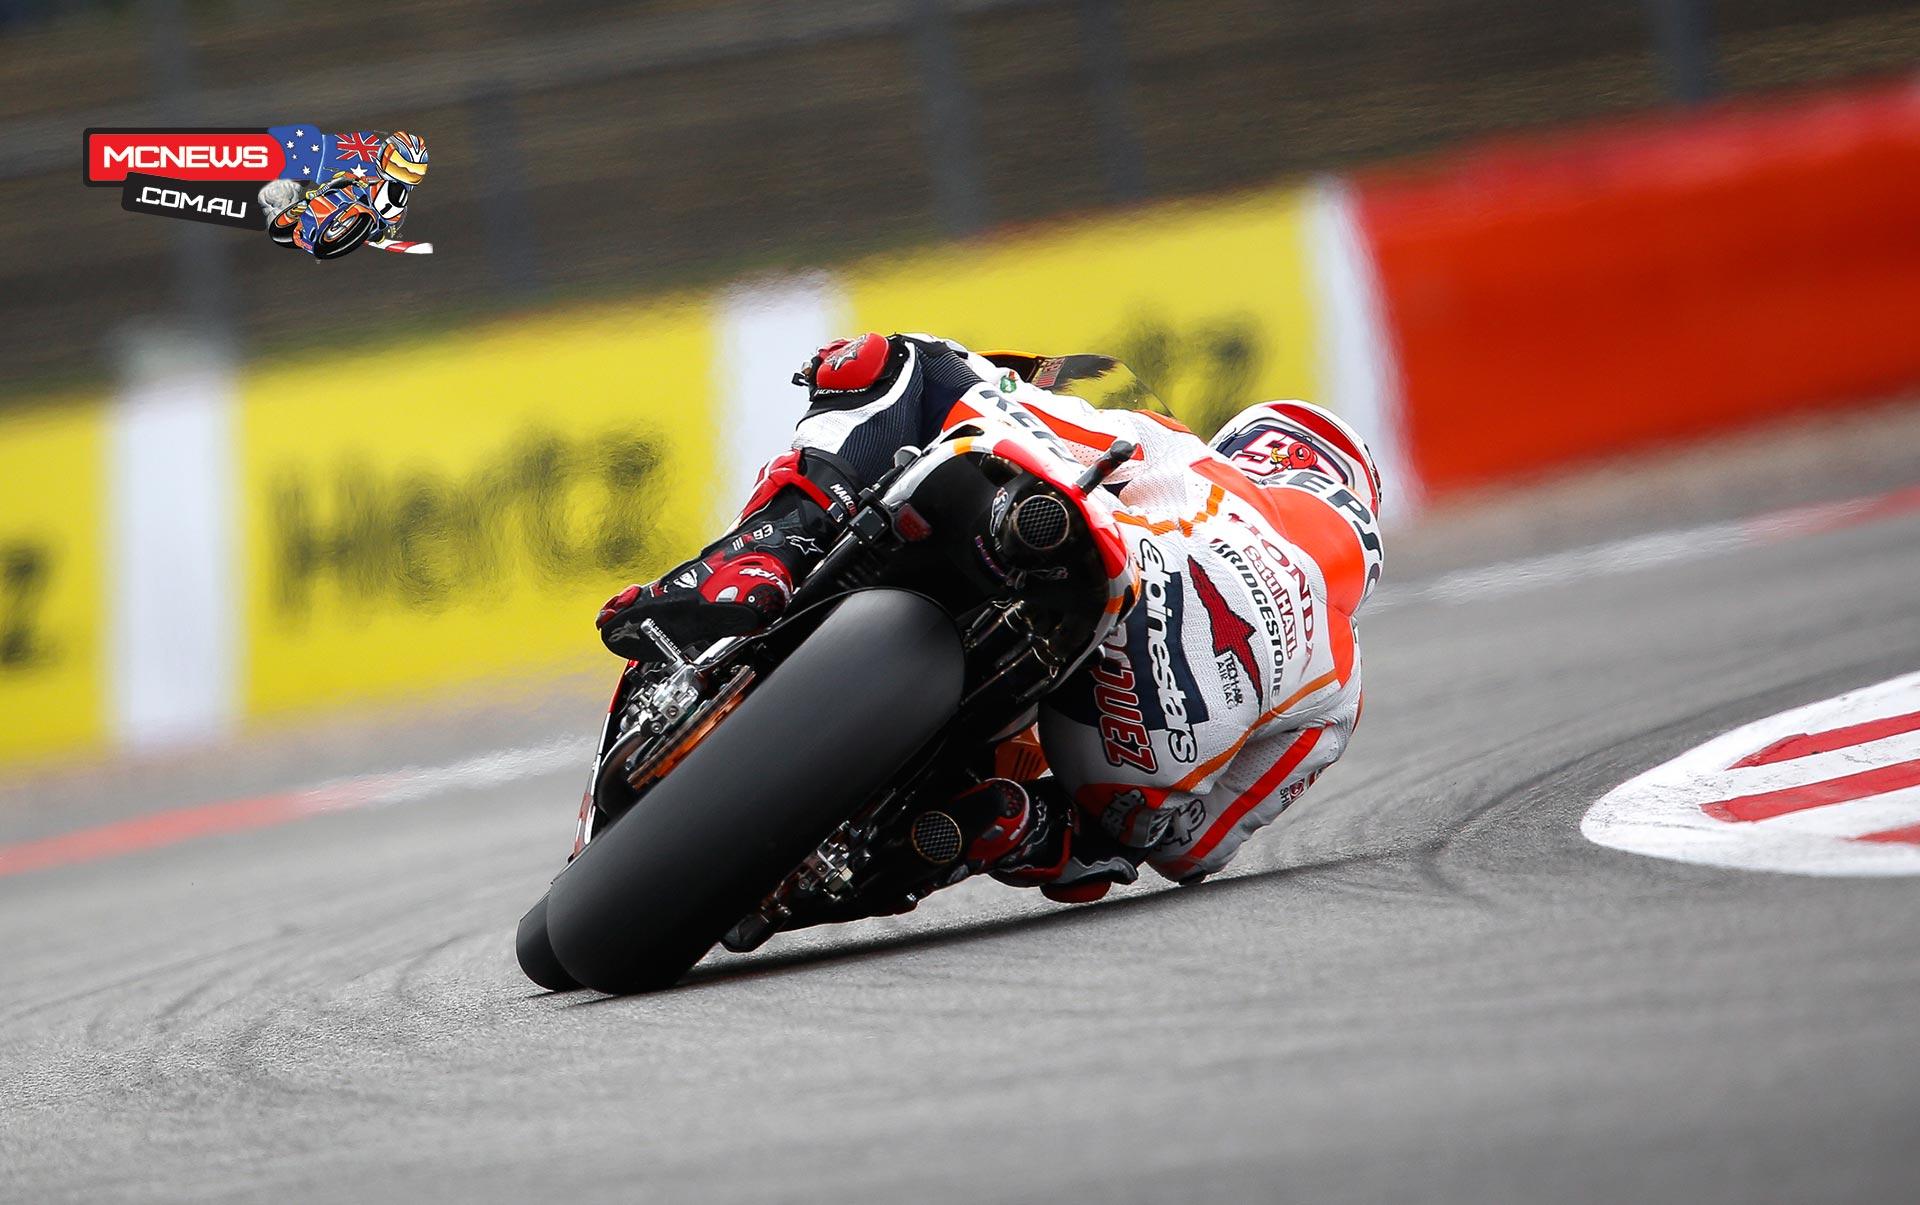 Marc Marquez on Silverstone MotoGP pole | MCNews.com.au